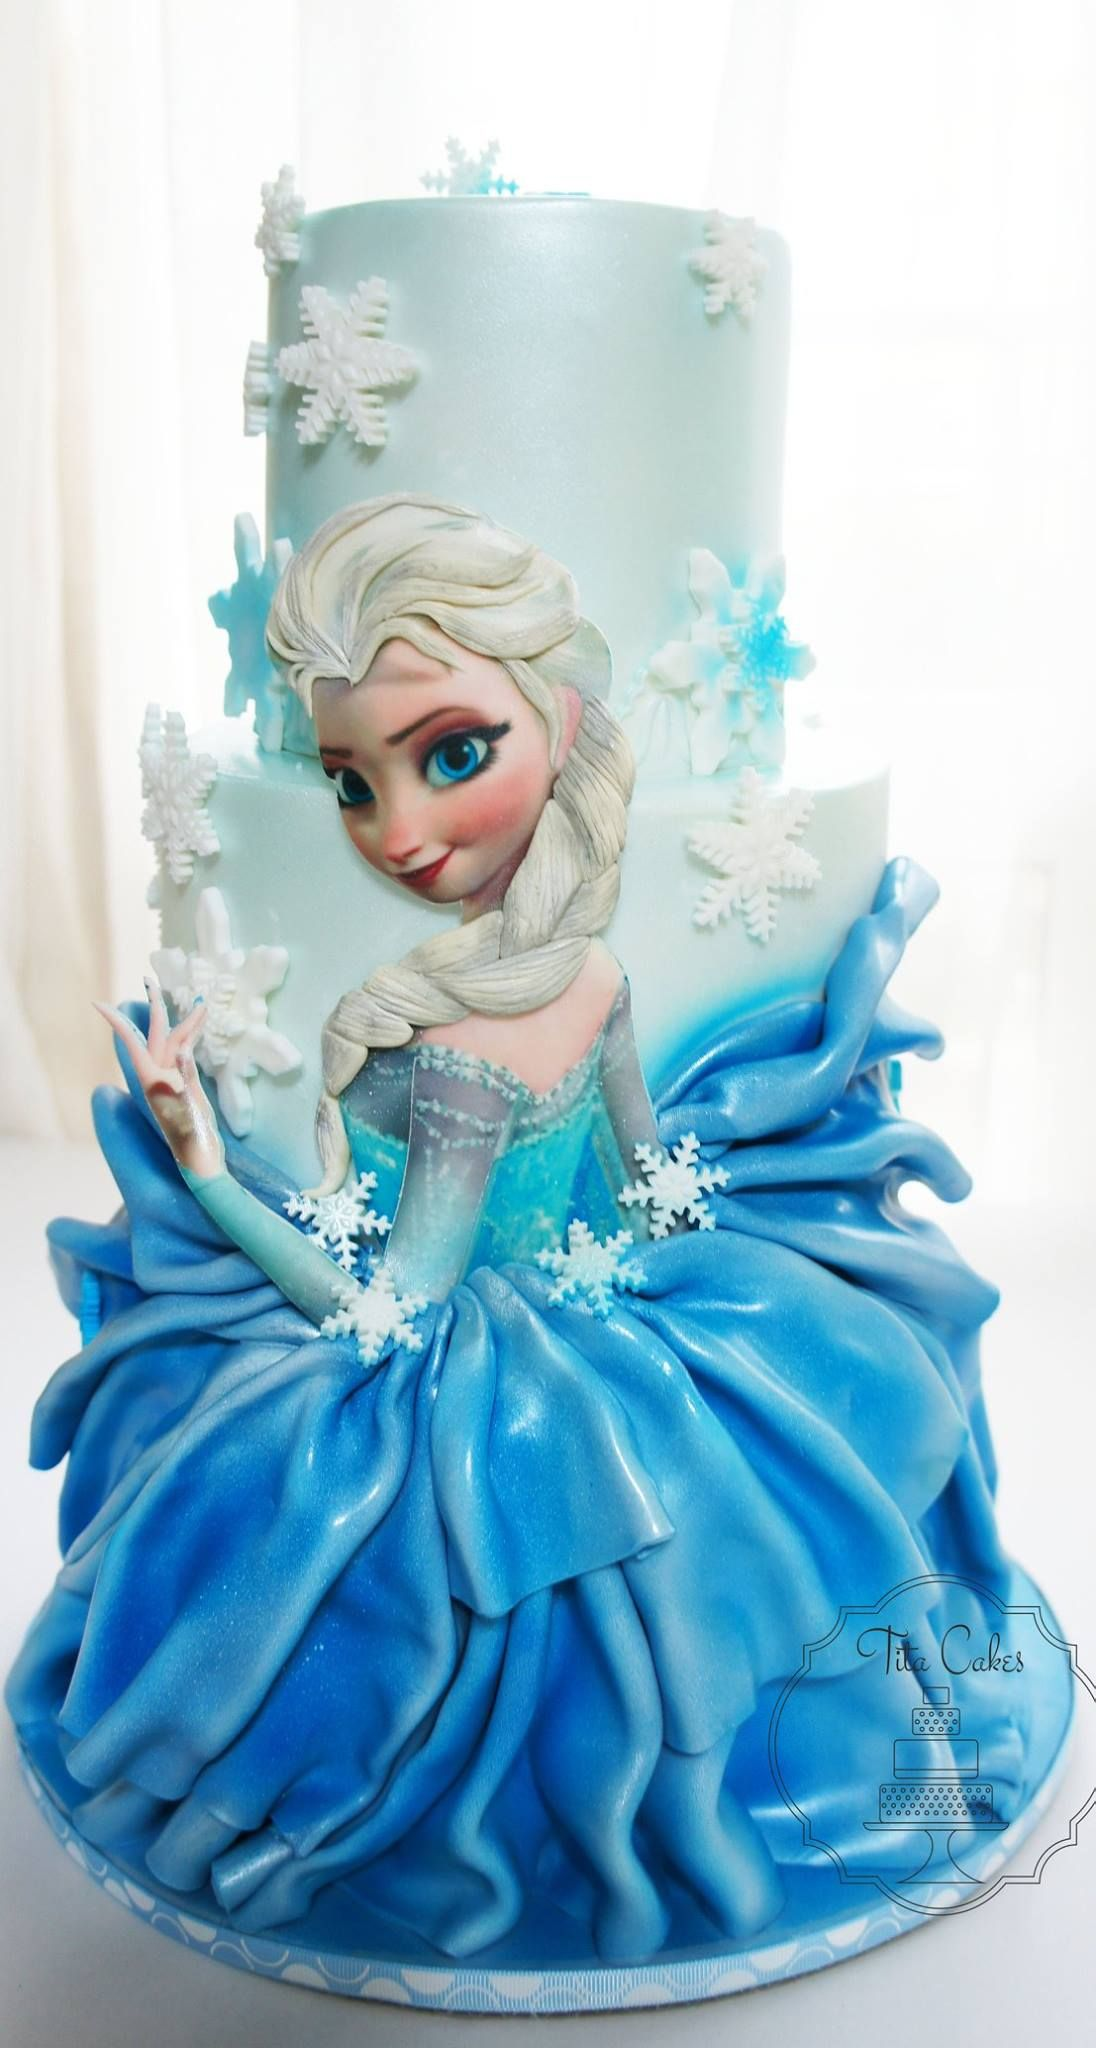 Otro nivel este queque Frozen - Elsa: Tita Cakes, facebook